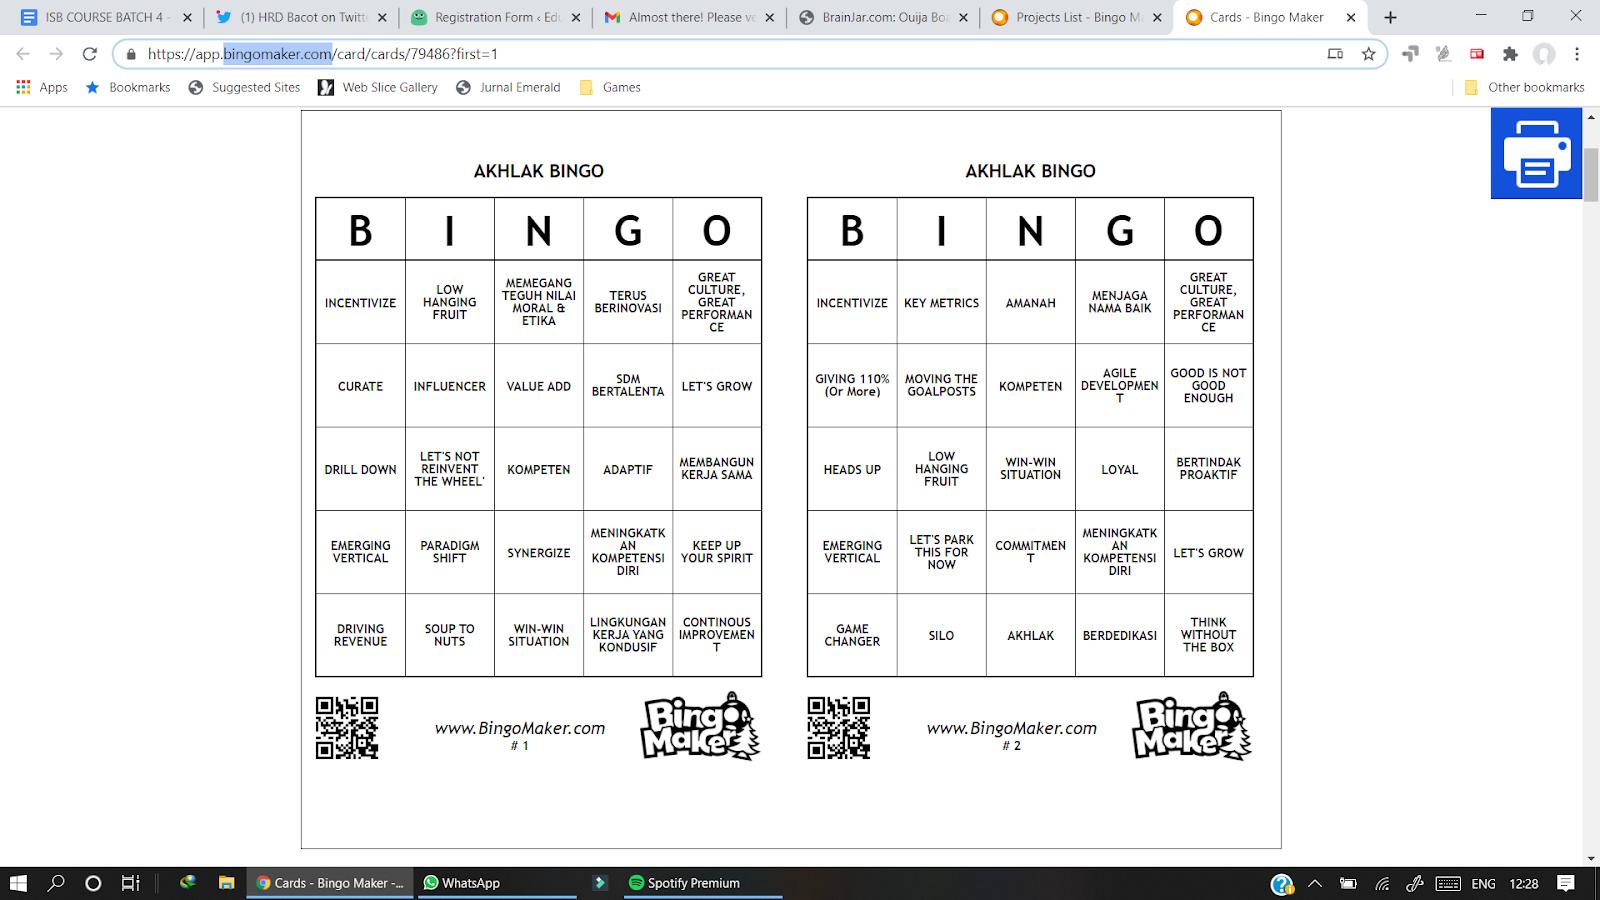 Bingo online juga bisa menjadi permainan untuk virtual meeting